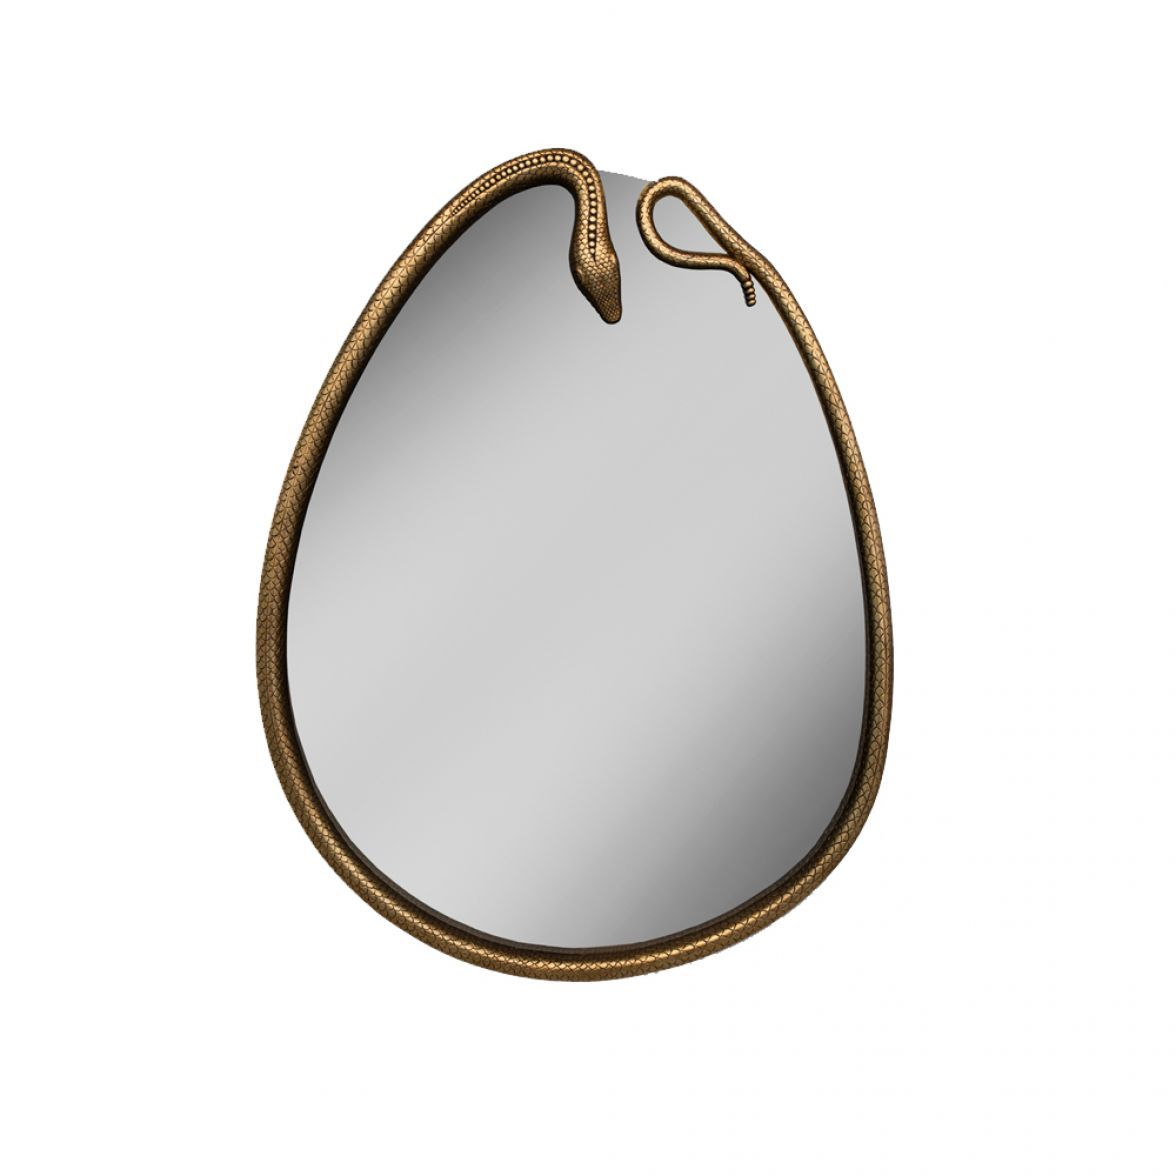 SERPENTINE mirror